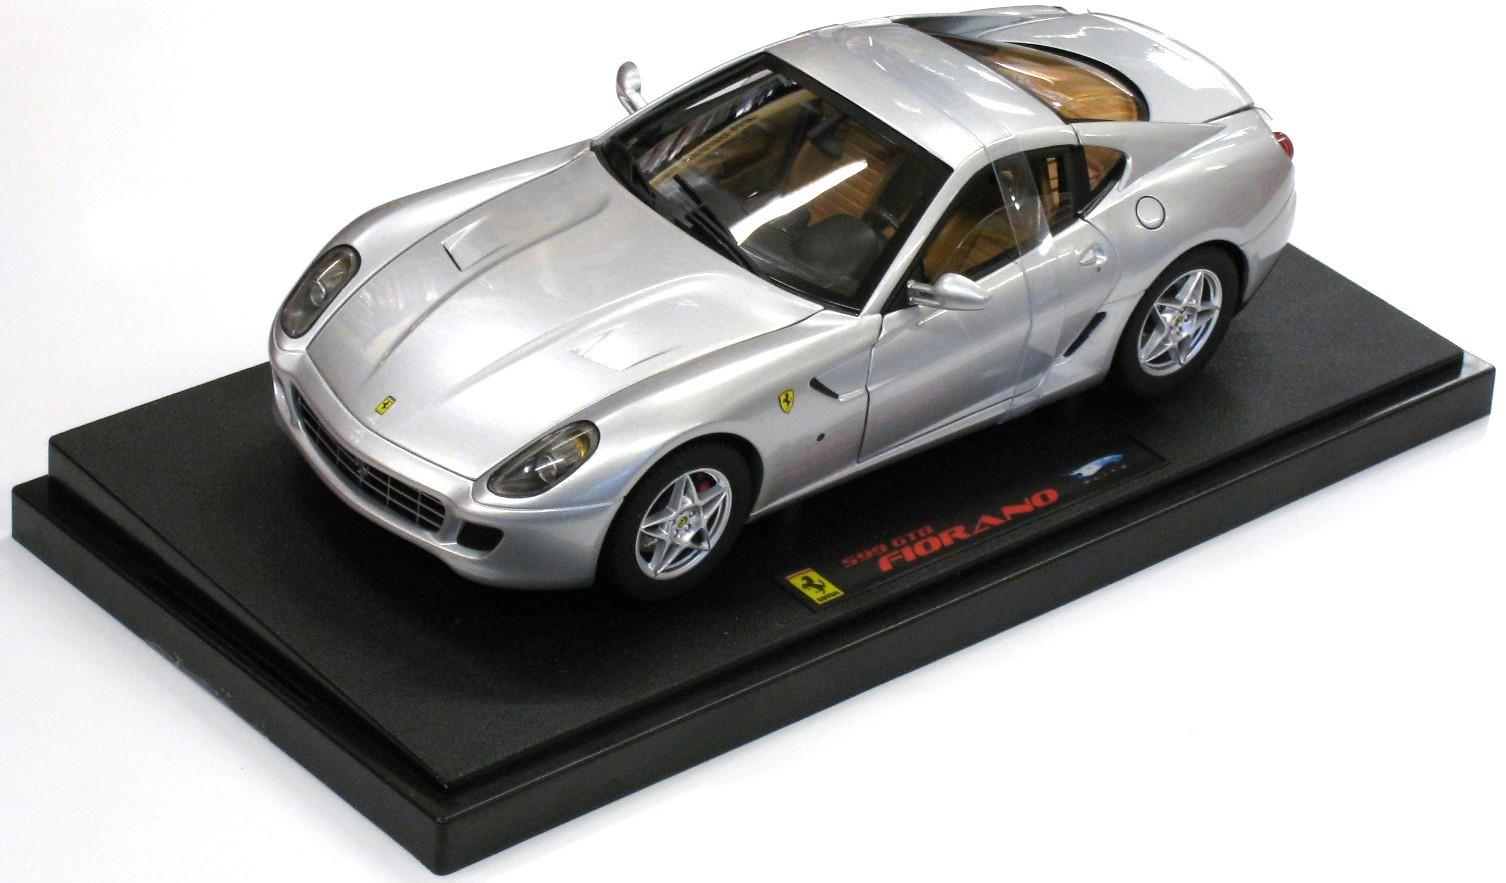 Ferrari 599 GTB Fiorano Silver Elite 1/18